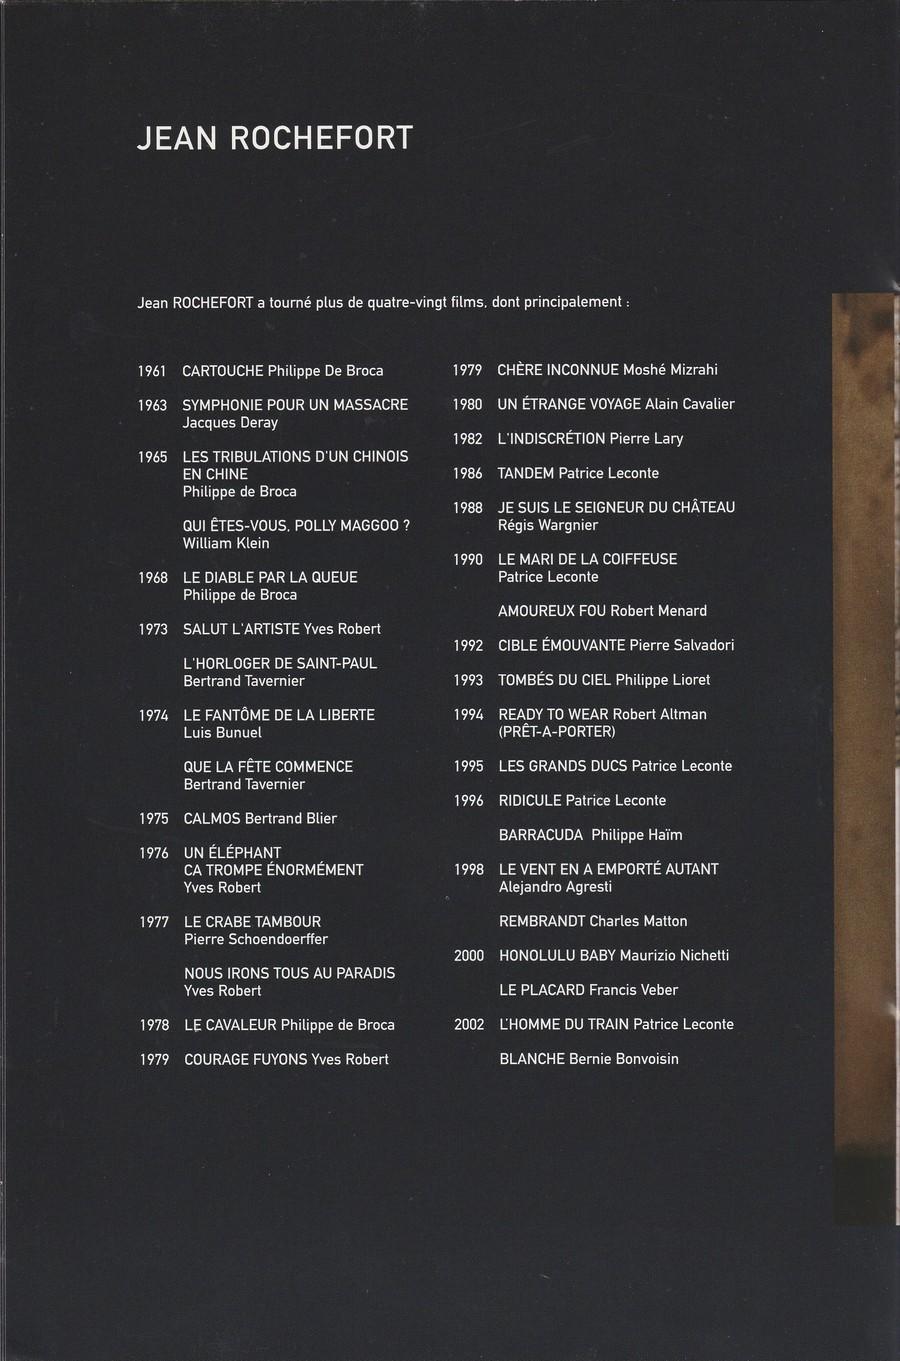 LES FILMS DE JOHNNY 'L'HOMME DU TRAIN' 2002 Img_2746